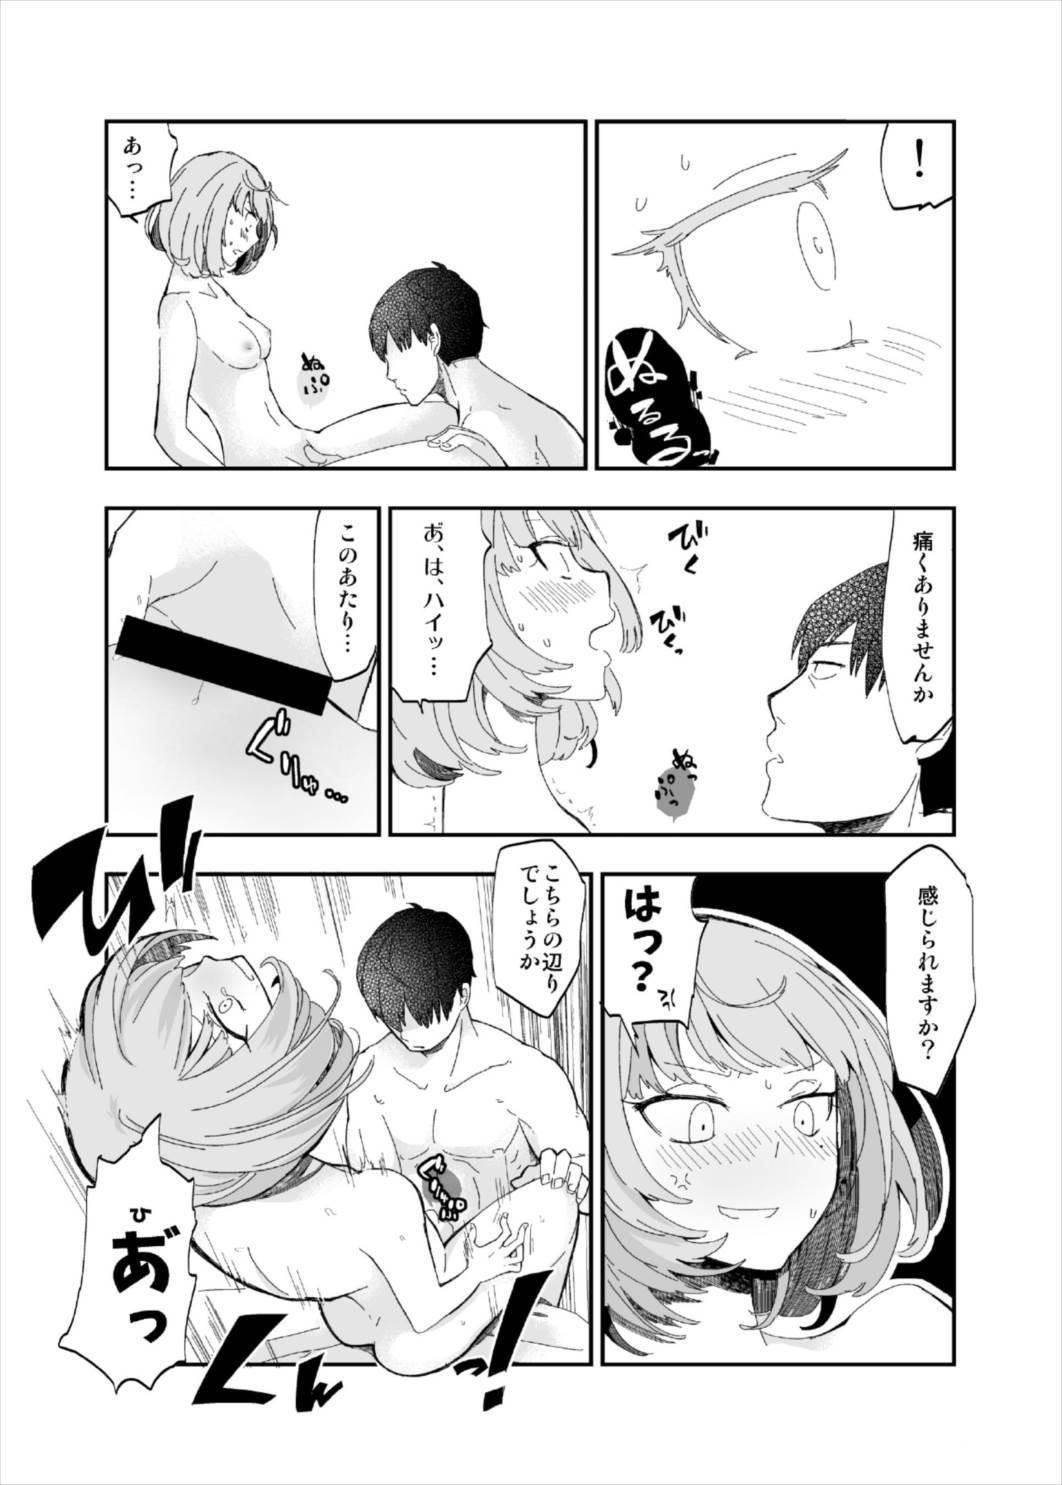 Takeuchi P to Takagaki Kaede-san ga Hatsu H de Mechakucha Ichaicha Suru Hon 8